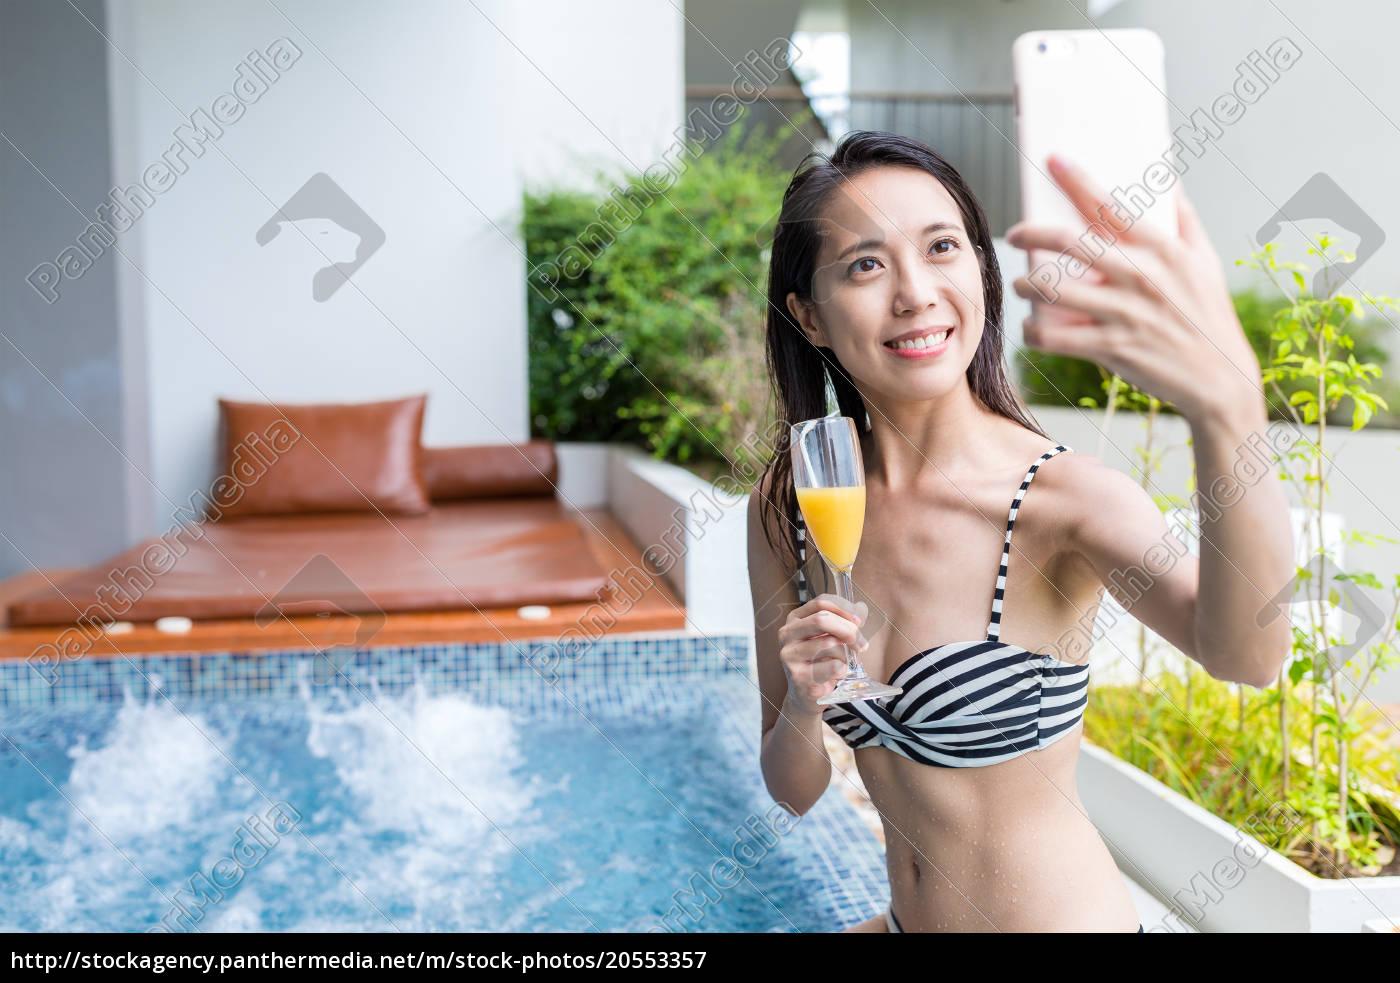 woman, taking, selfie, in, jacuzzi - 20553357